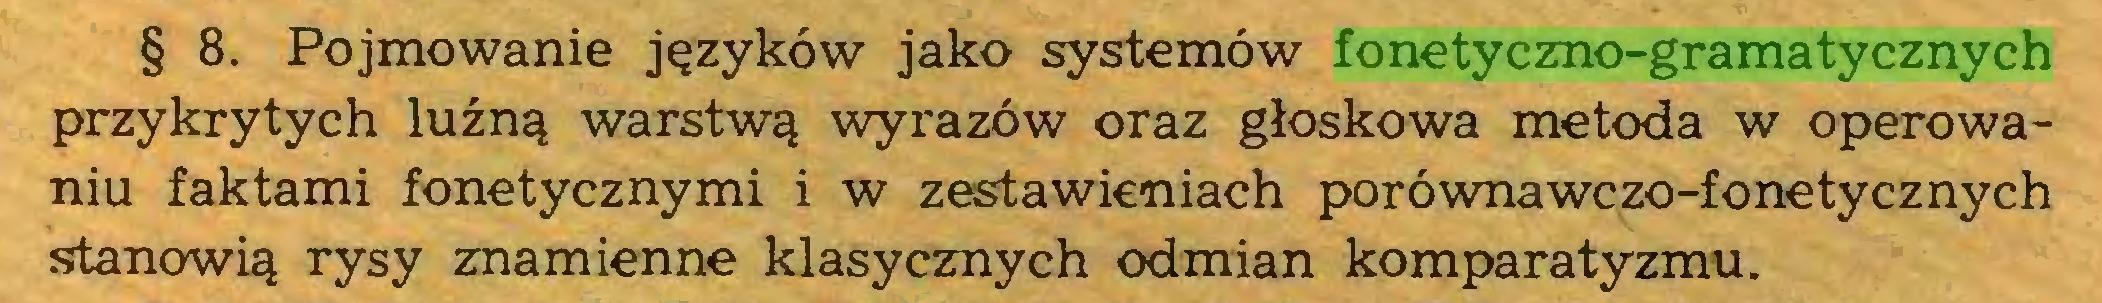 (...) § 8. Pojmowanie języków jako systemów fonetyczno-gramatycznych przykrytych luźną warstwą wyrazów oraz głoskowa metoda w operowaniu faktami fonetycznymi i w zestawieniach porównawczo-fonetycznych stanowią rysy znamienne klasycznych odmian komparatyzmu...